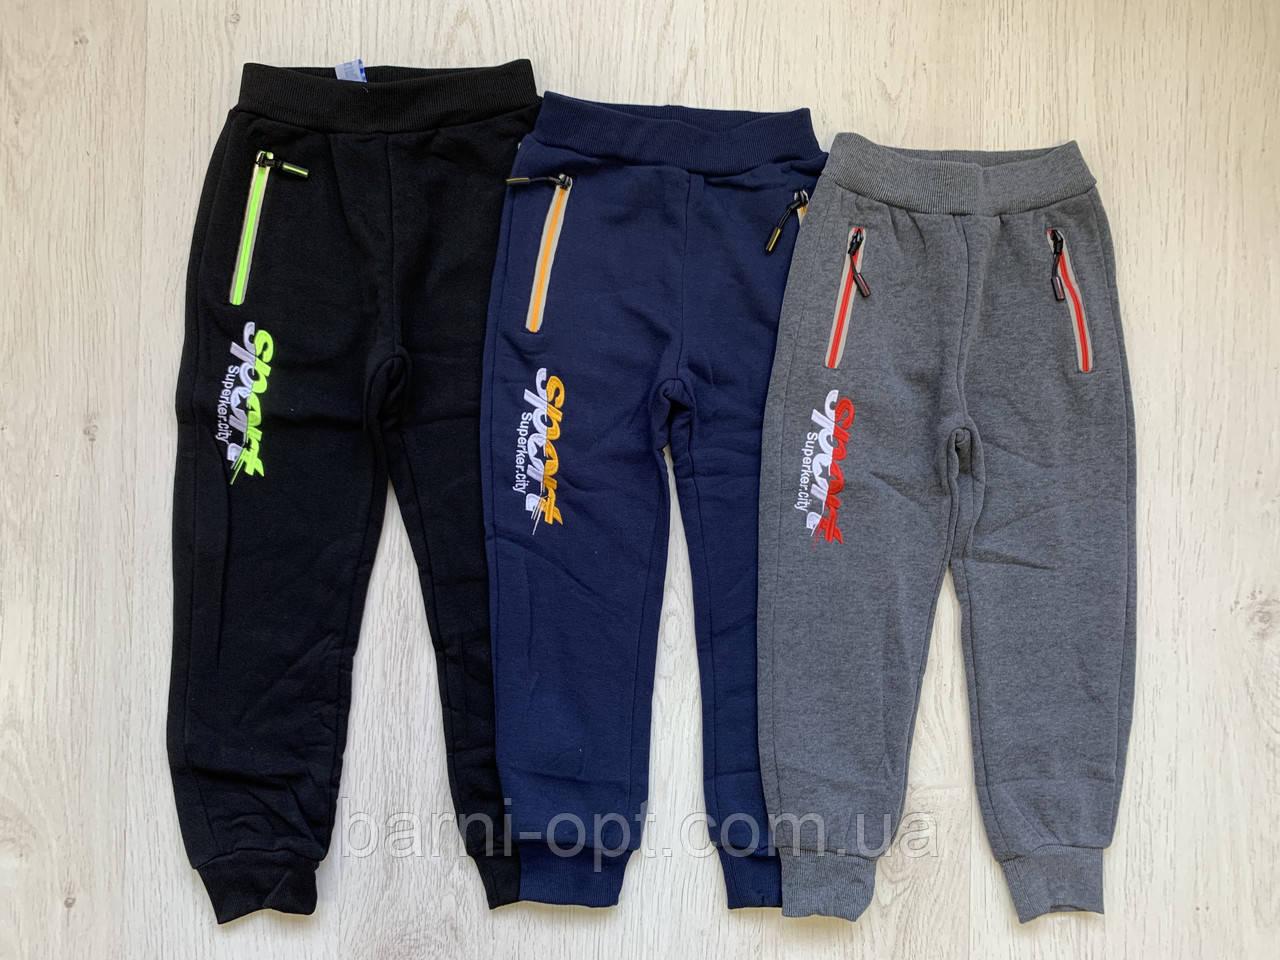 Утепленные спортивные брюки на мальчиков оптом, Taurus, 98-128 рр